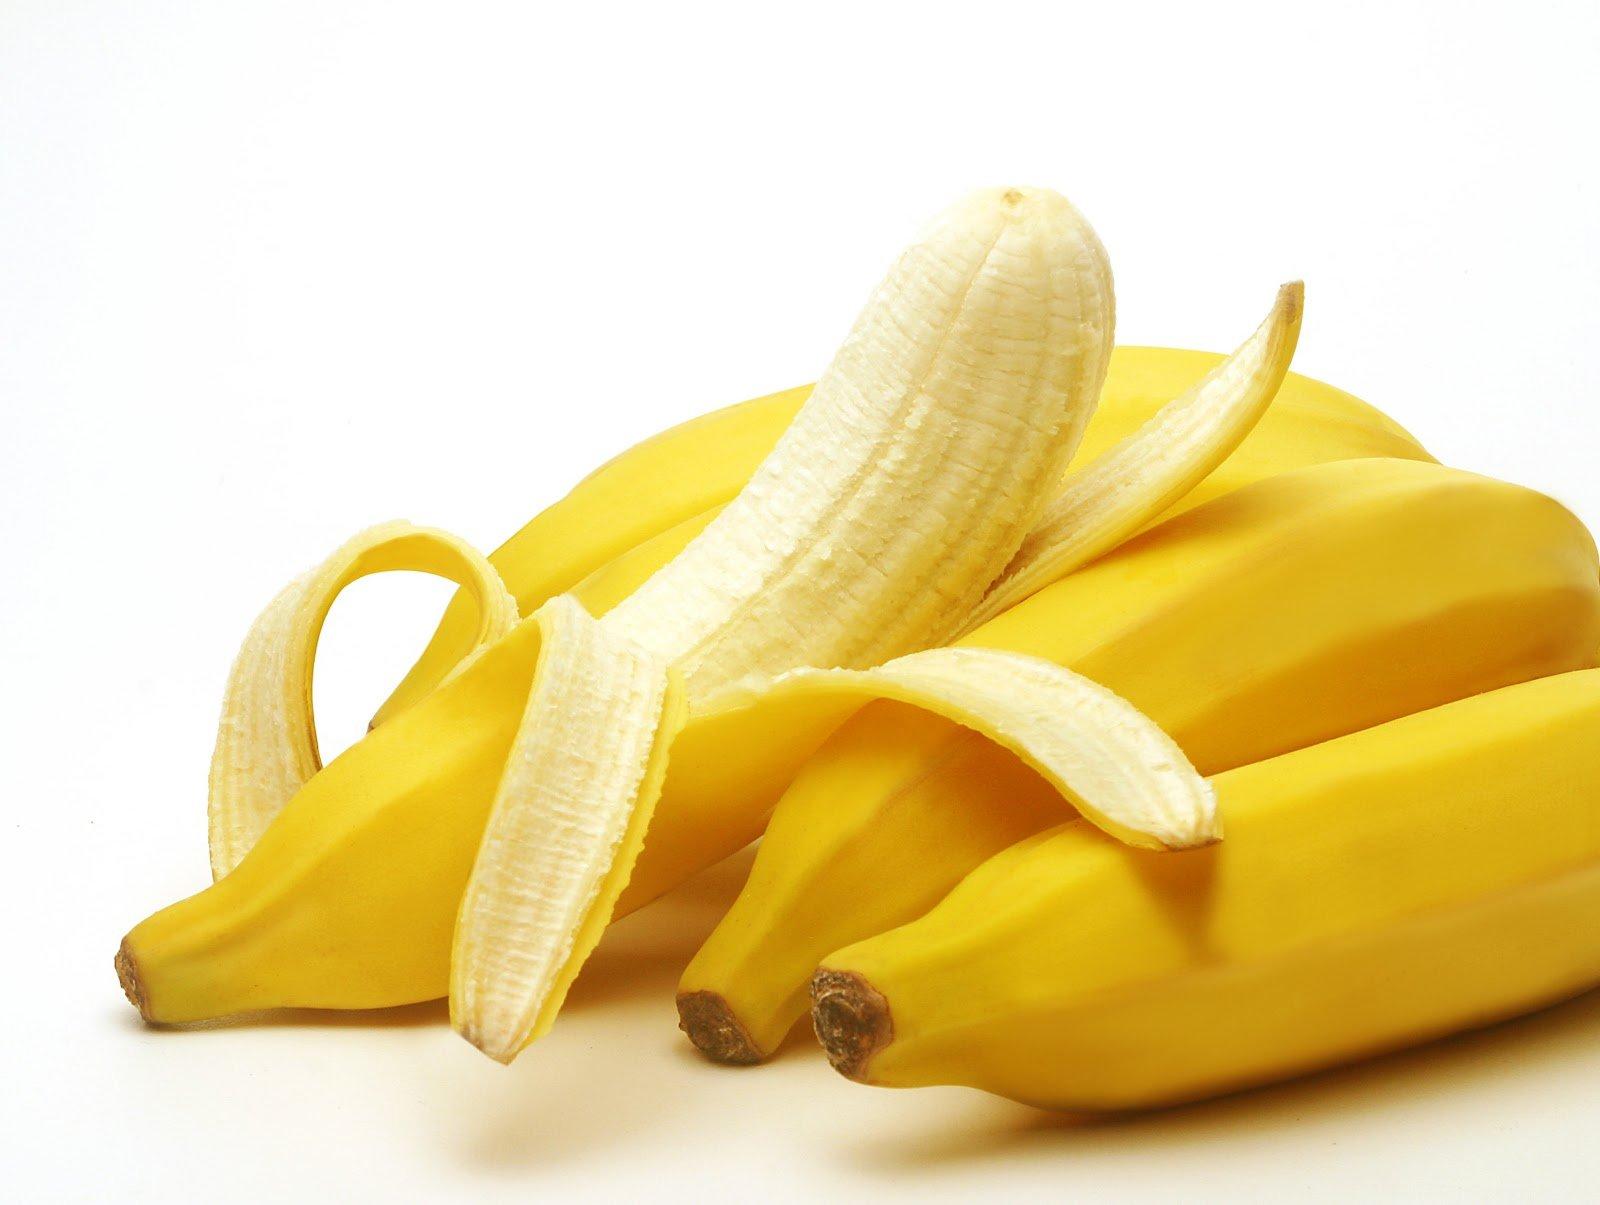 Египетская певица попала под арест за «многообещающее» съедение банана